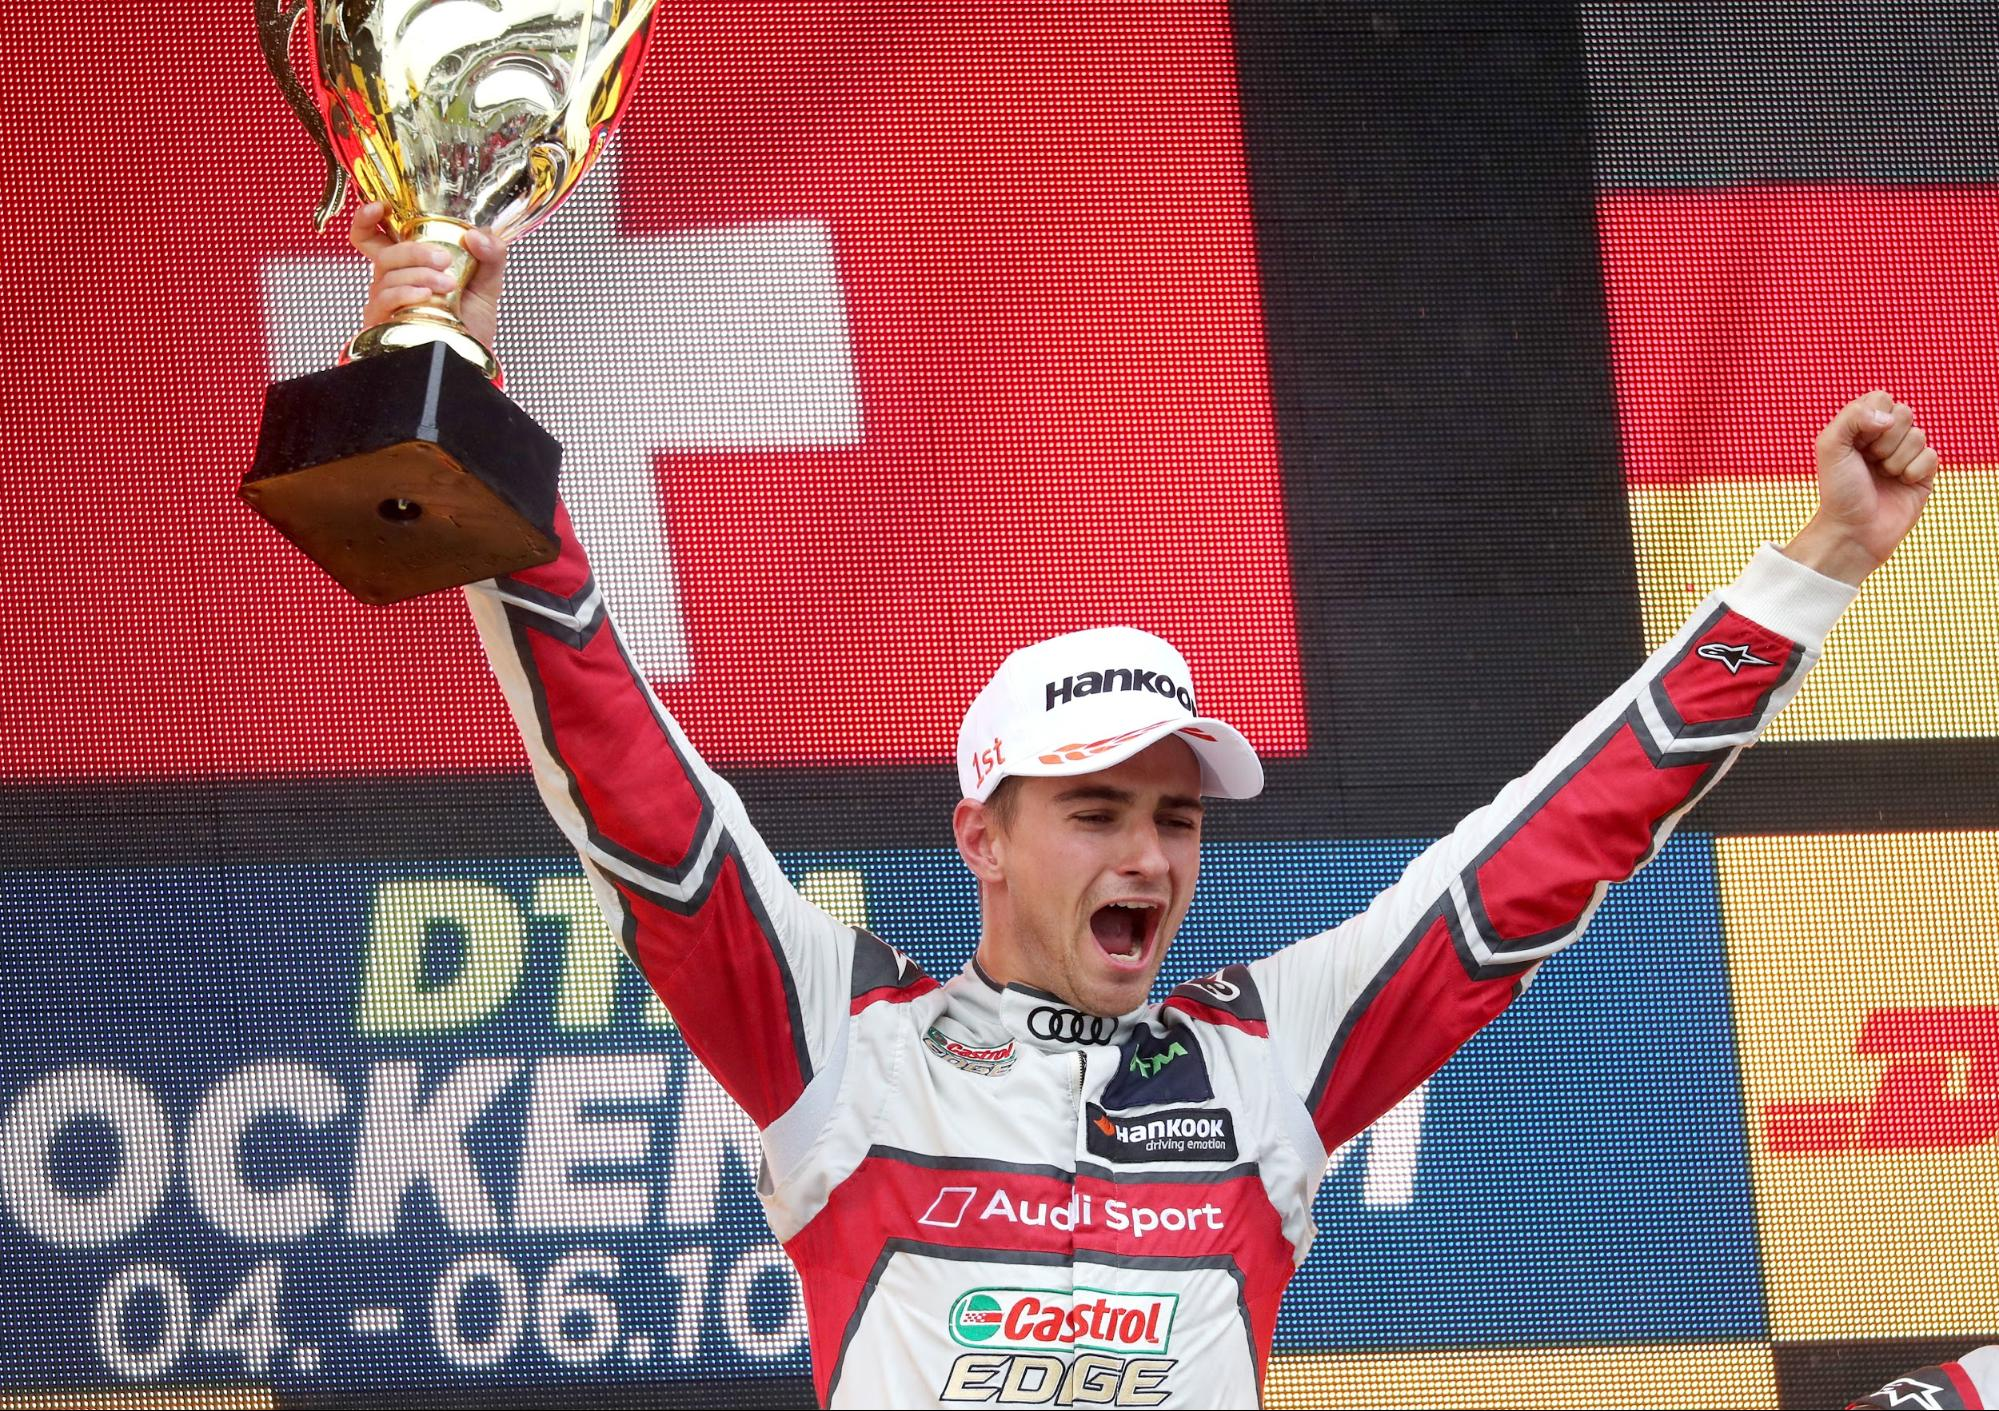 L'adversaire est vice-champion du monde DTM: Nico Müller le 6octobre2019 à Hockenheim (D). (AUDI)